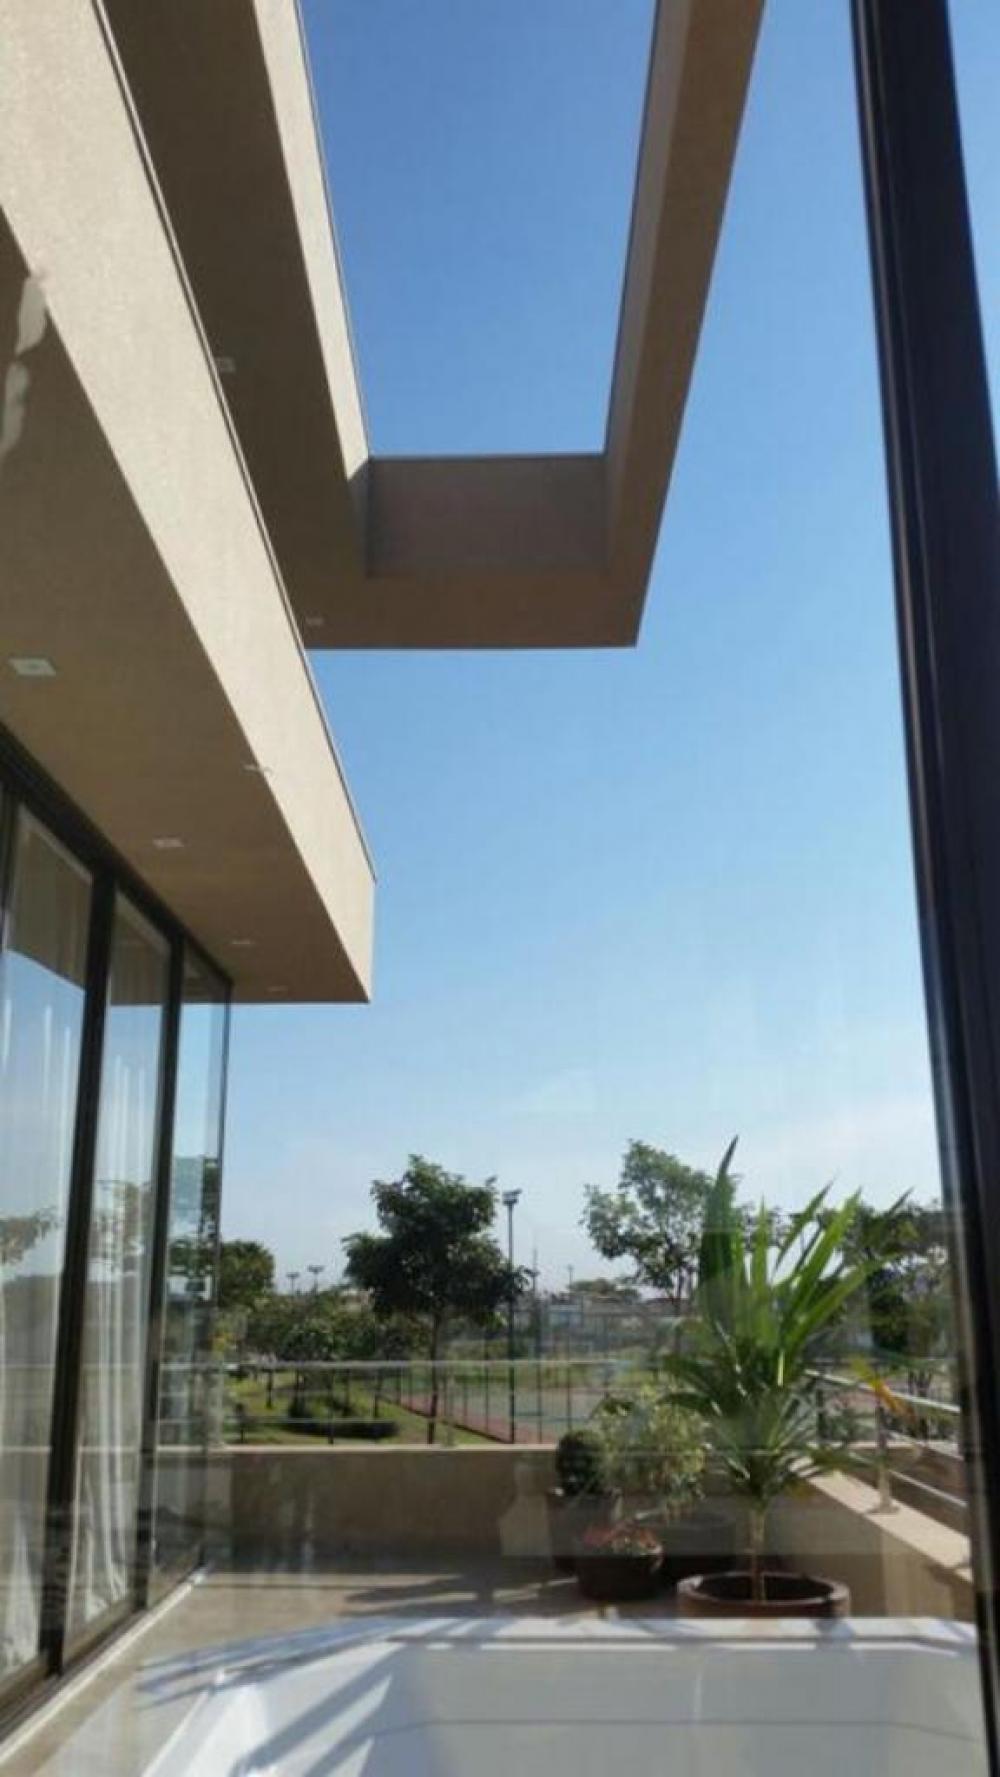 Comprar Casa / Condomínio em São José do Rio Preto apenas R$ 2.500.000,00 - Foto 3